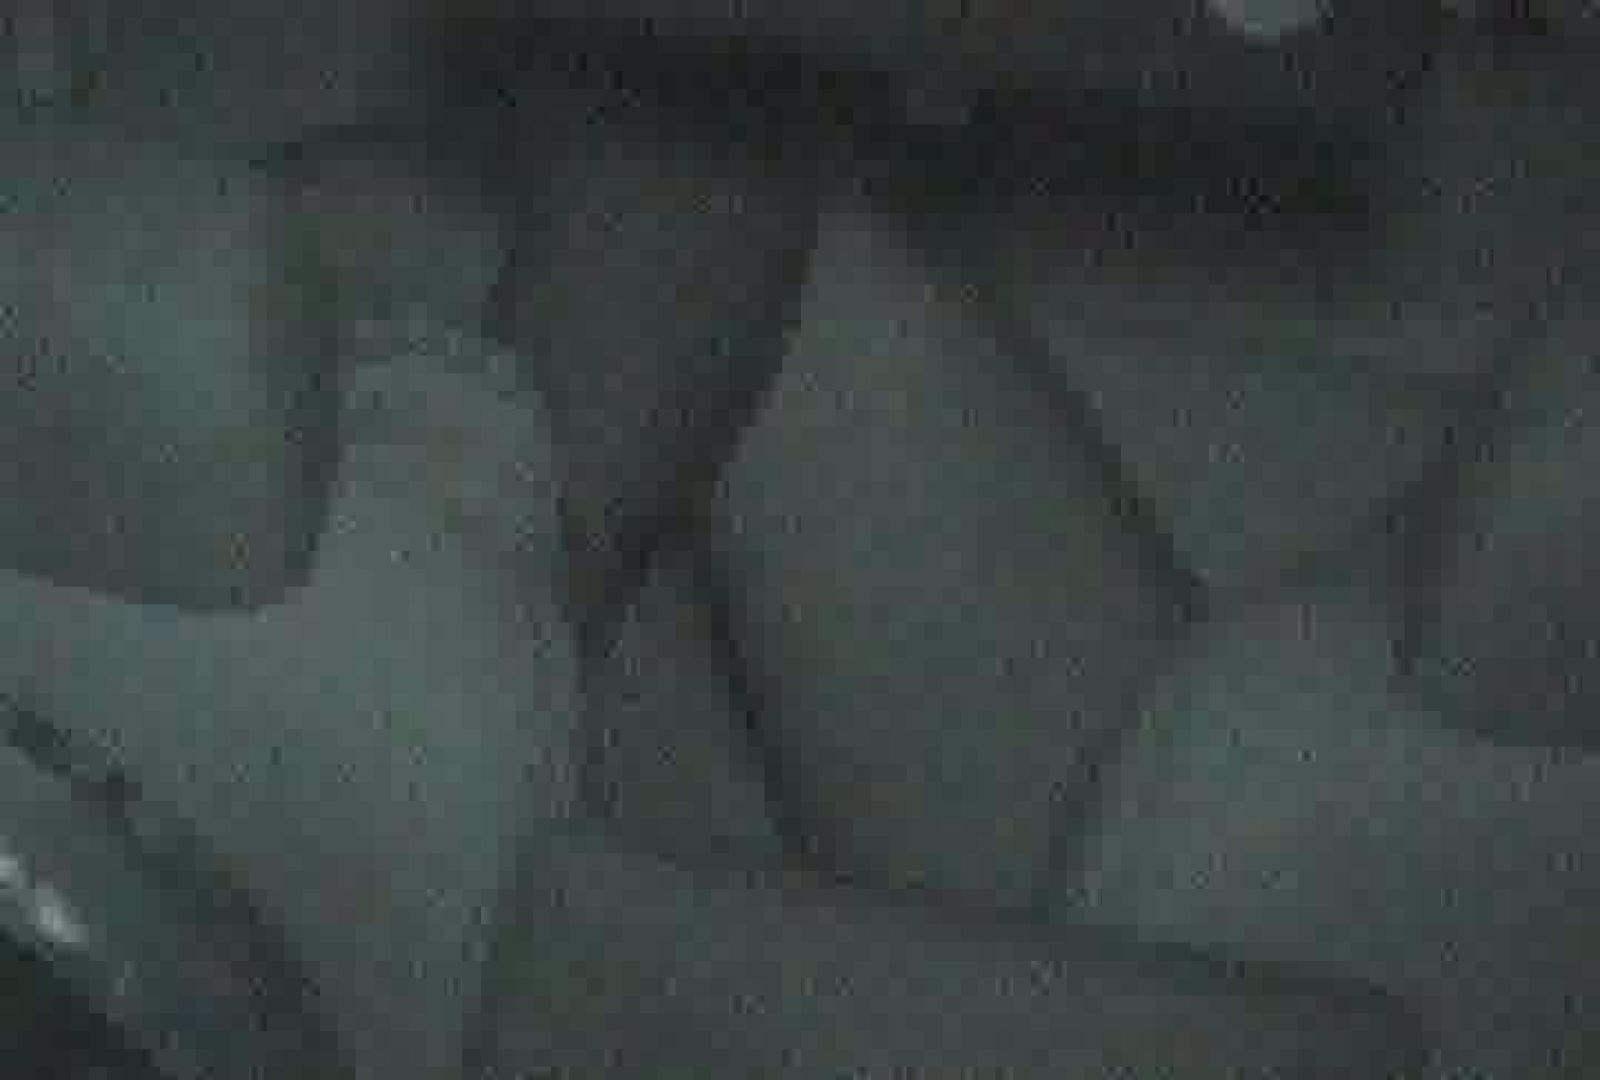 充血監督の深夜の運動会Vol.73 エロティックなOL  86画像 45